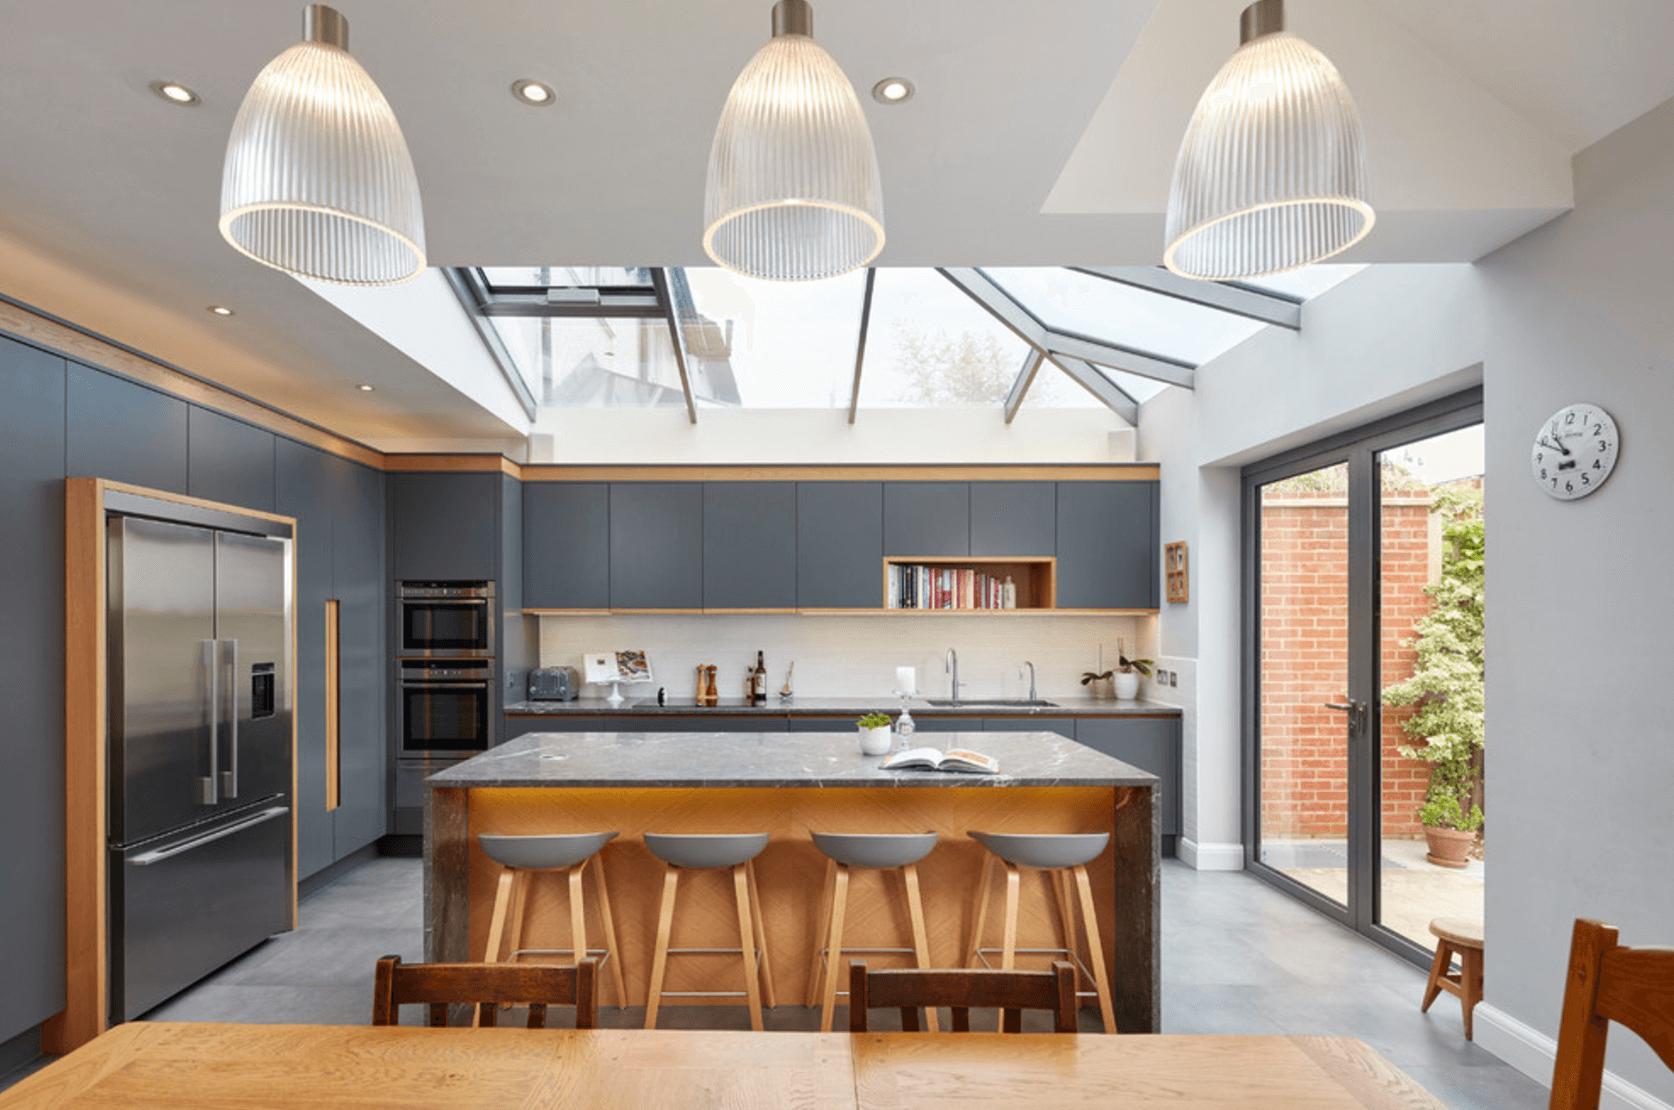 Преображение кухни. Покраска кухонной мебели – прекрасная альтернатива новому гарнитуру